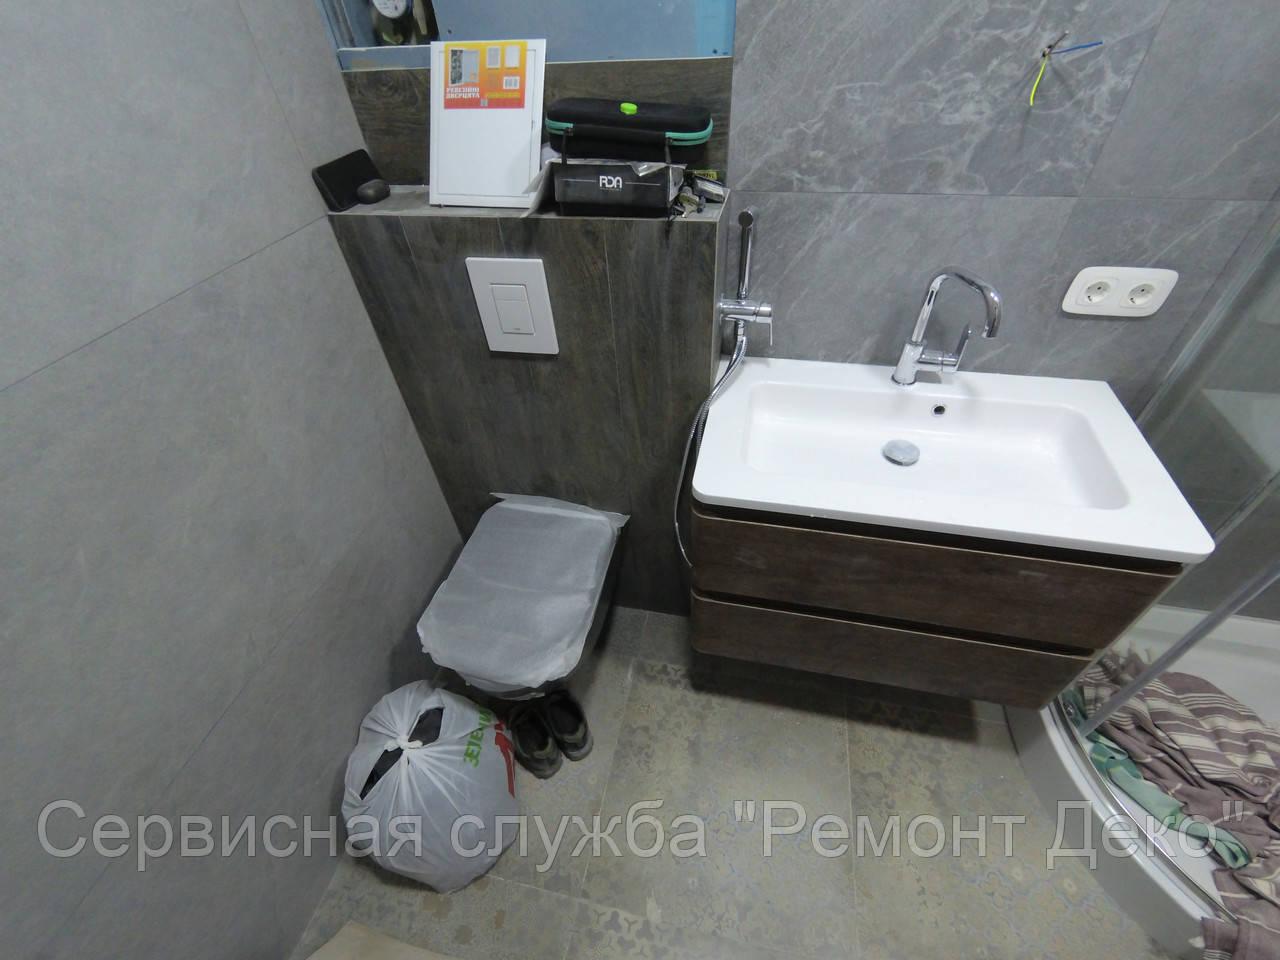 Хороший сантехник в Новомосковске. Ремонт и установка сантехники.